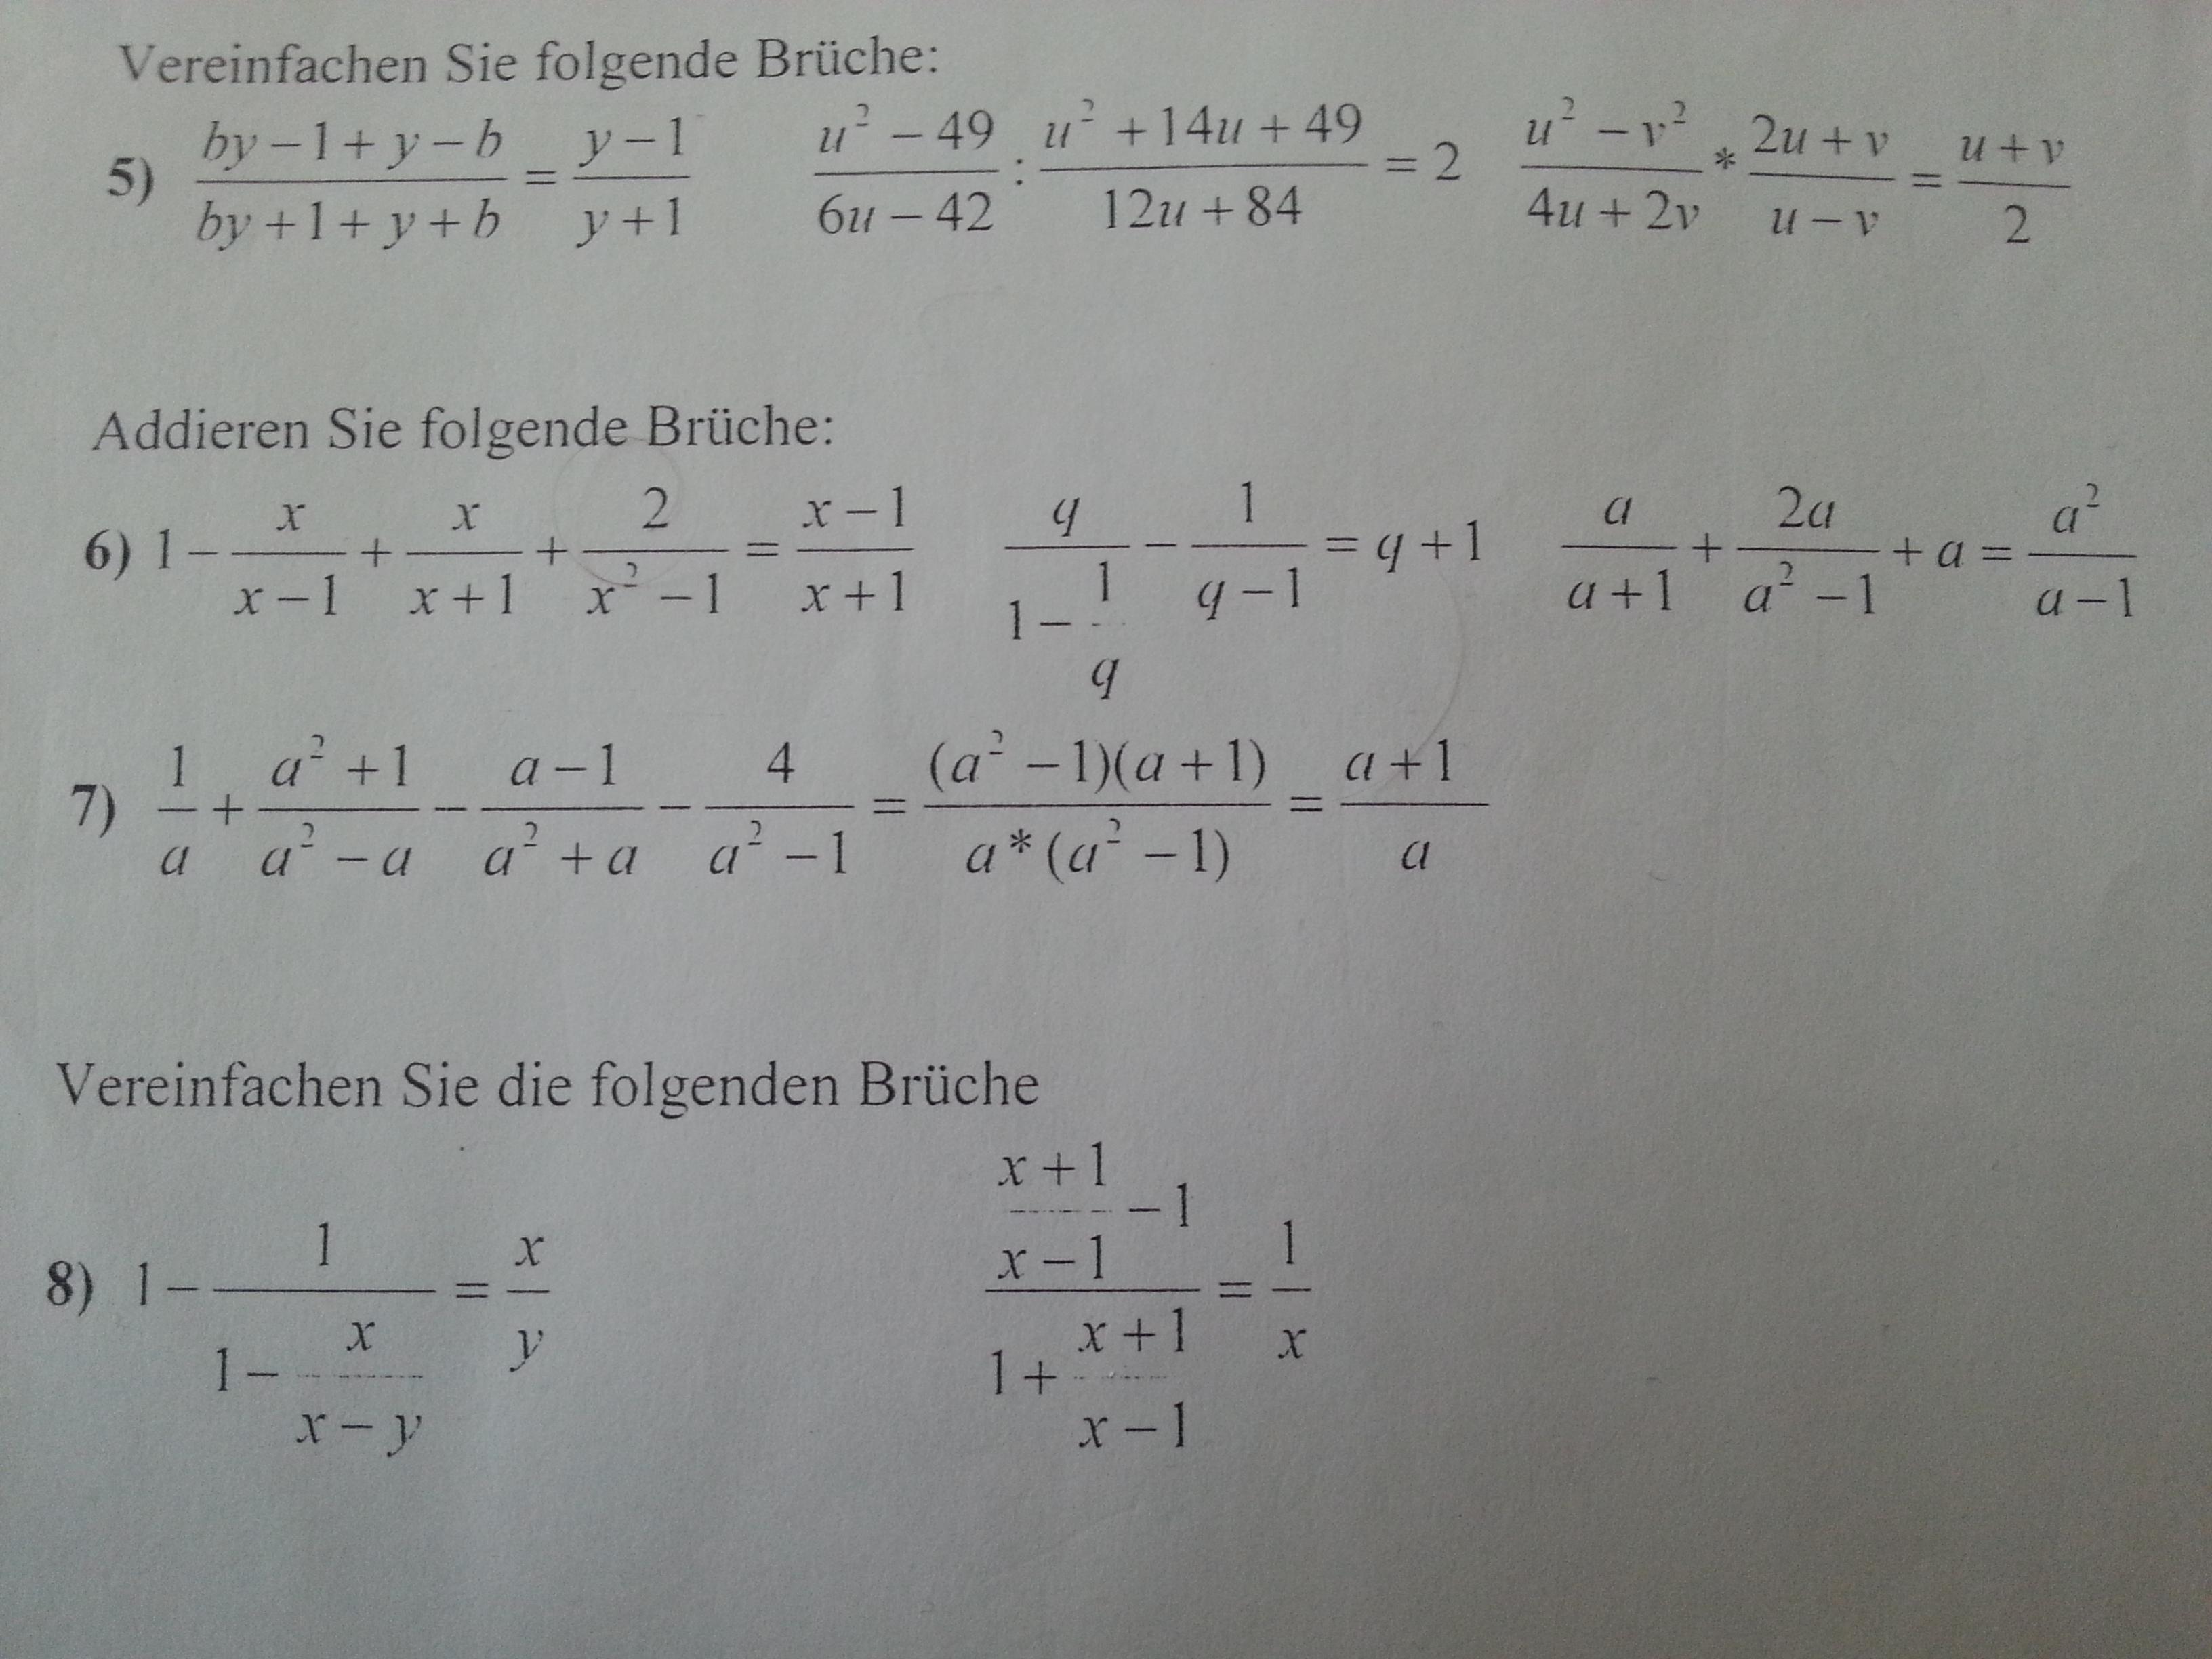 brüche vereinfachen (mathe, aufgabe)